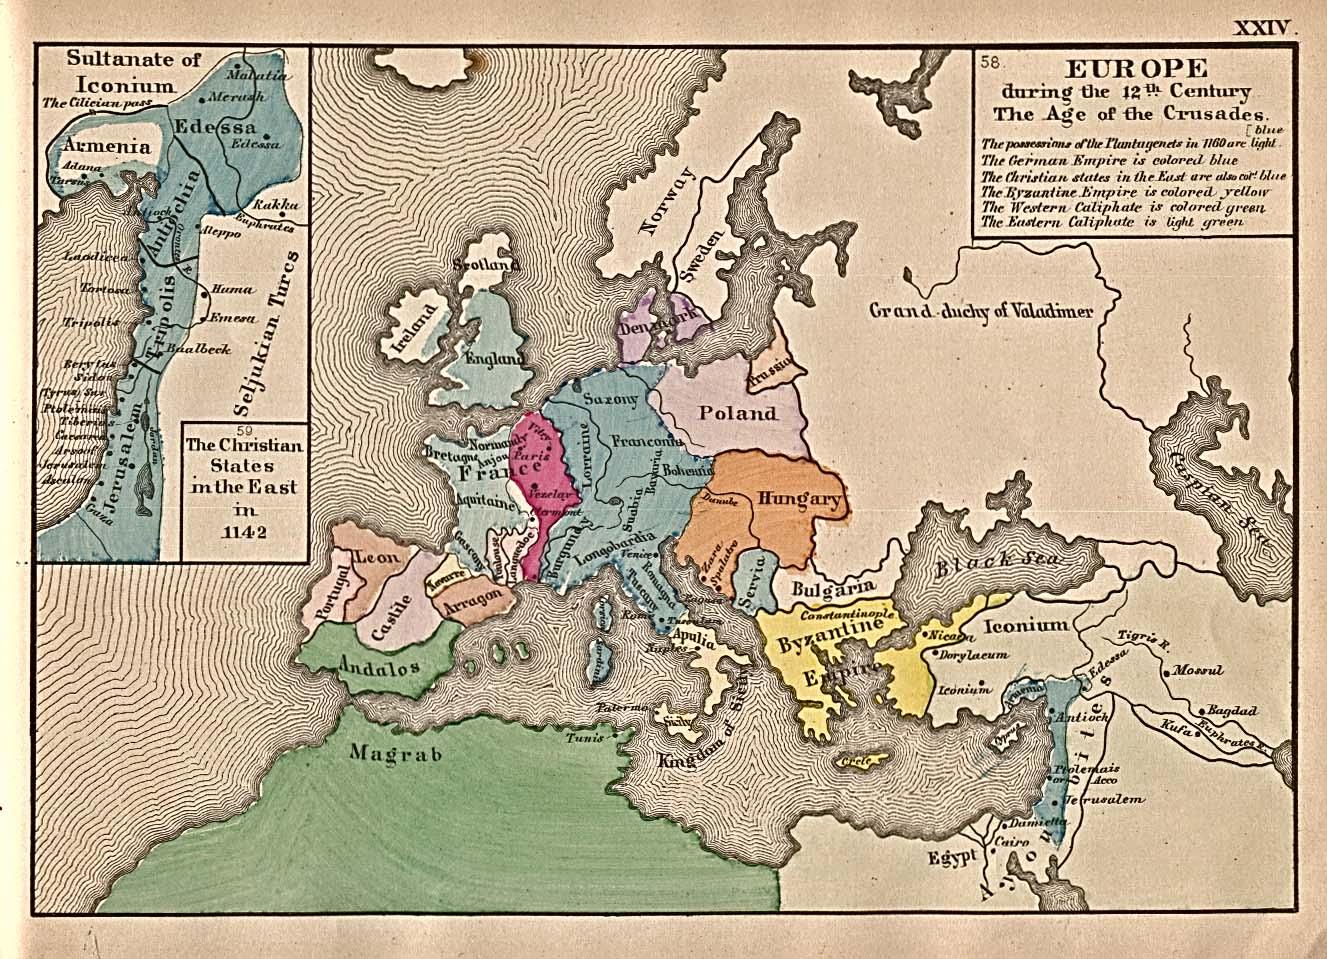 Europa en el Siglo XII